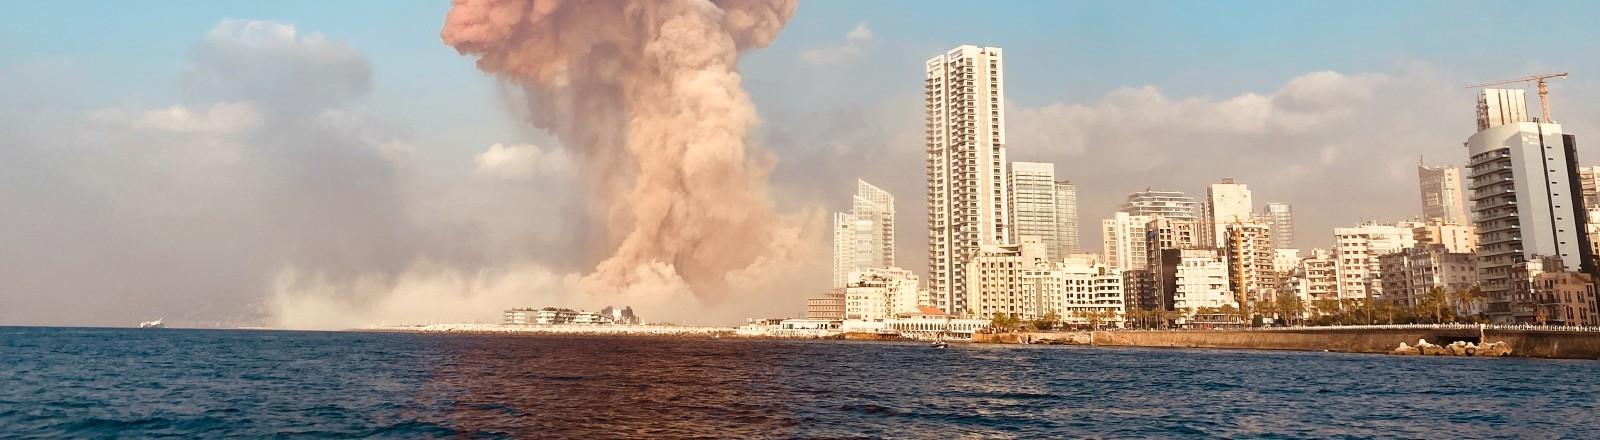 Explosionswolke am Hafen von Beirut